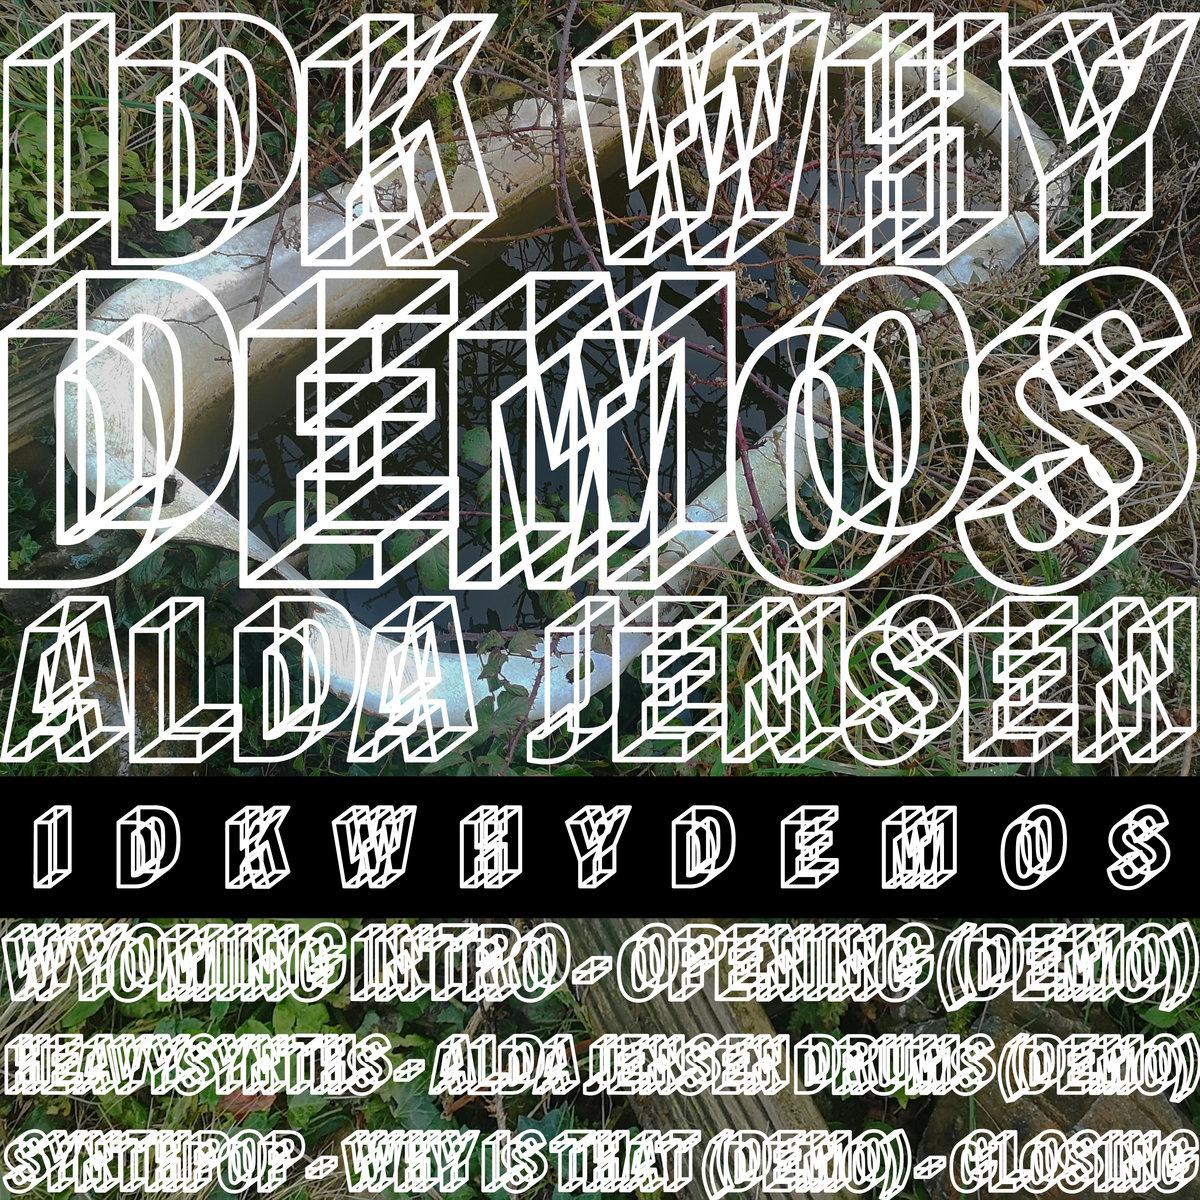 idkwhy demos